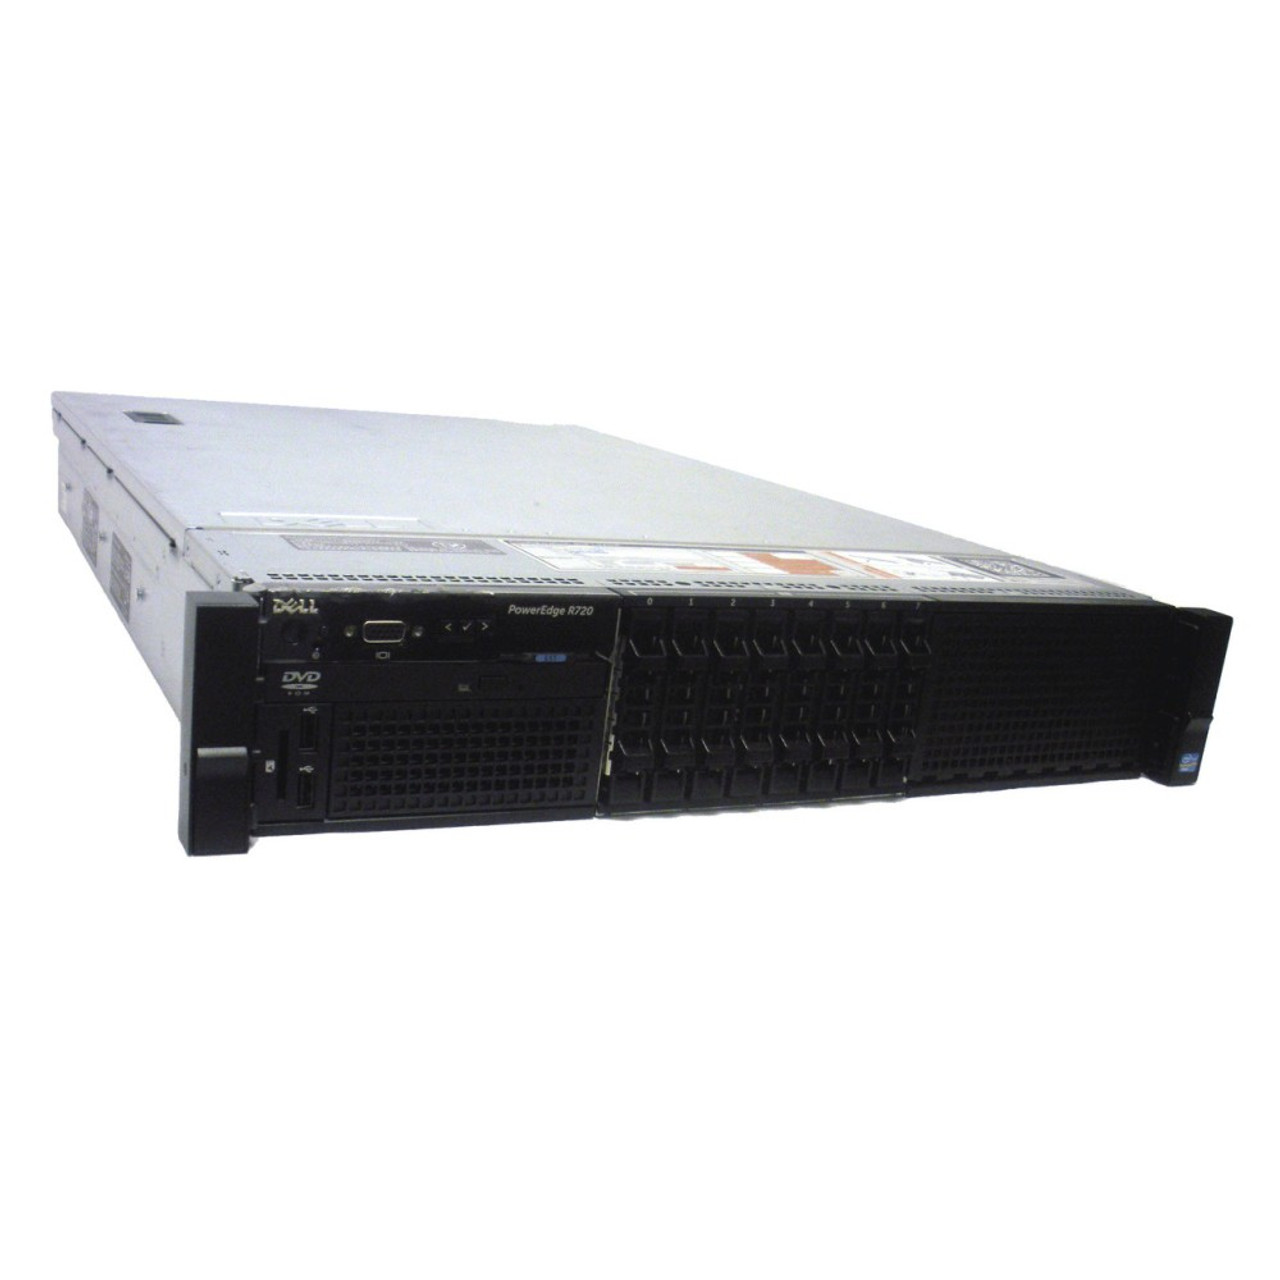 Build Your Own Dell PowerEdge R710 2.5 Server 2x X5570 2.93GHz Quad Core PERC6